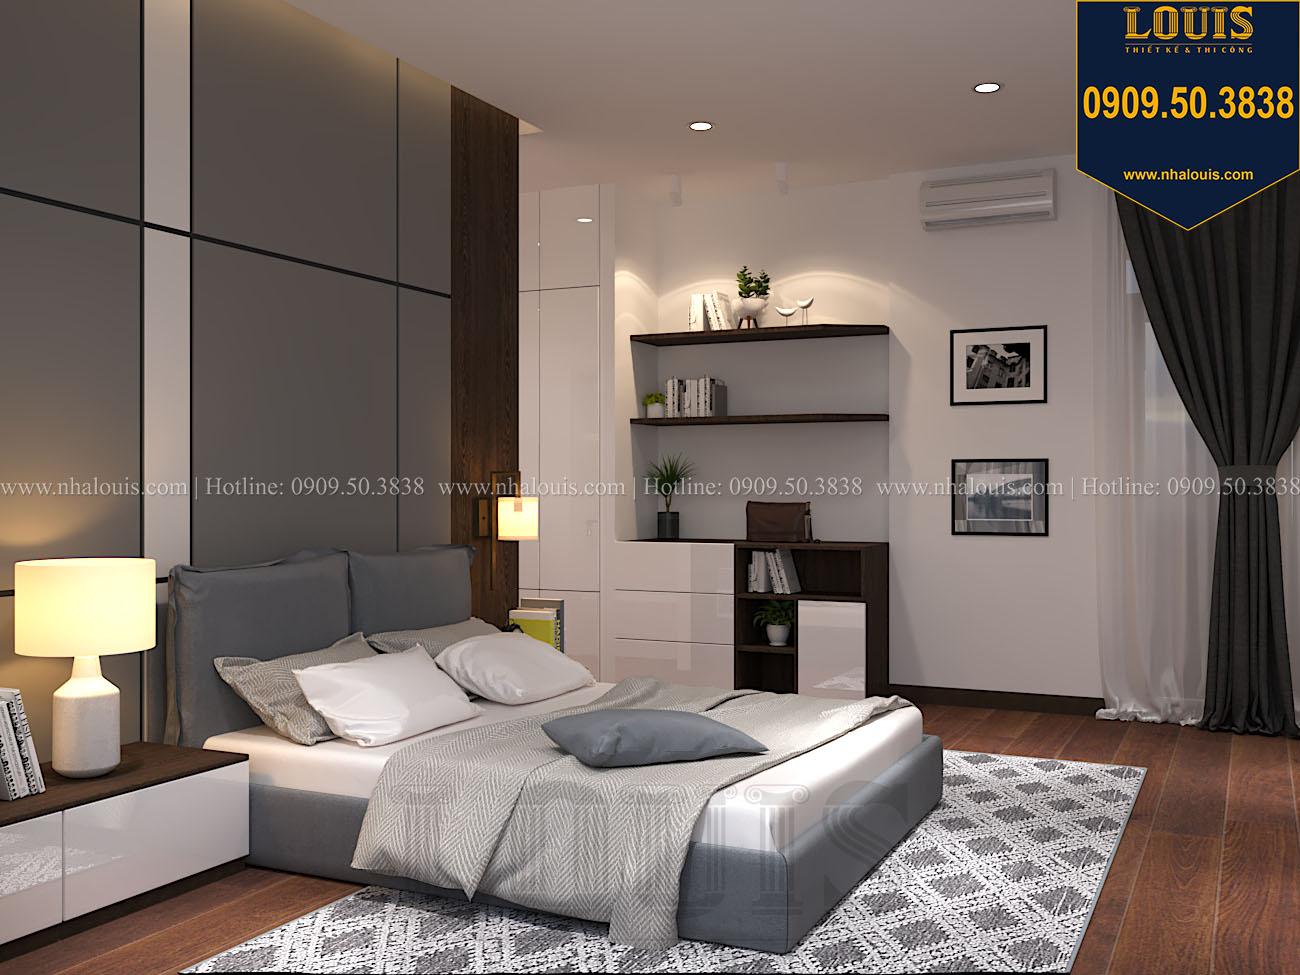 Phòng ngủ Mẫu biệt thự 3 tầng hiện đại với không gian mở ở quận 12 - 043